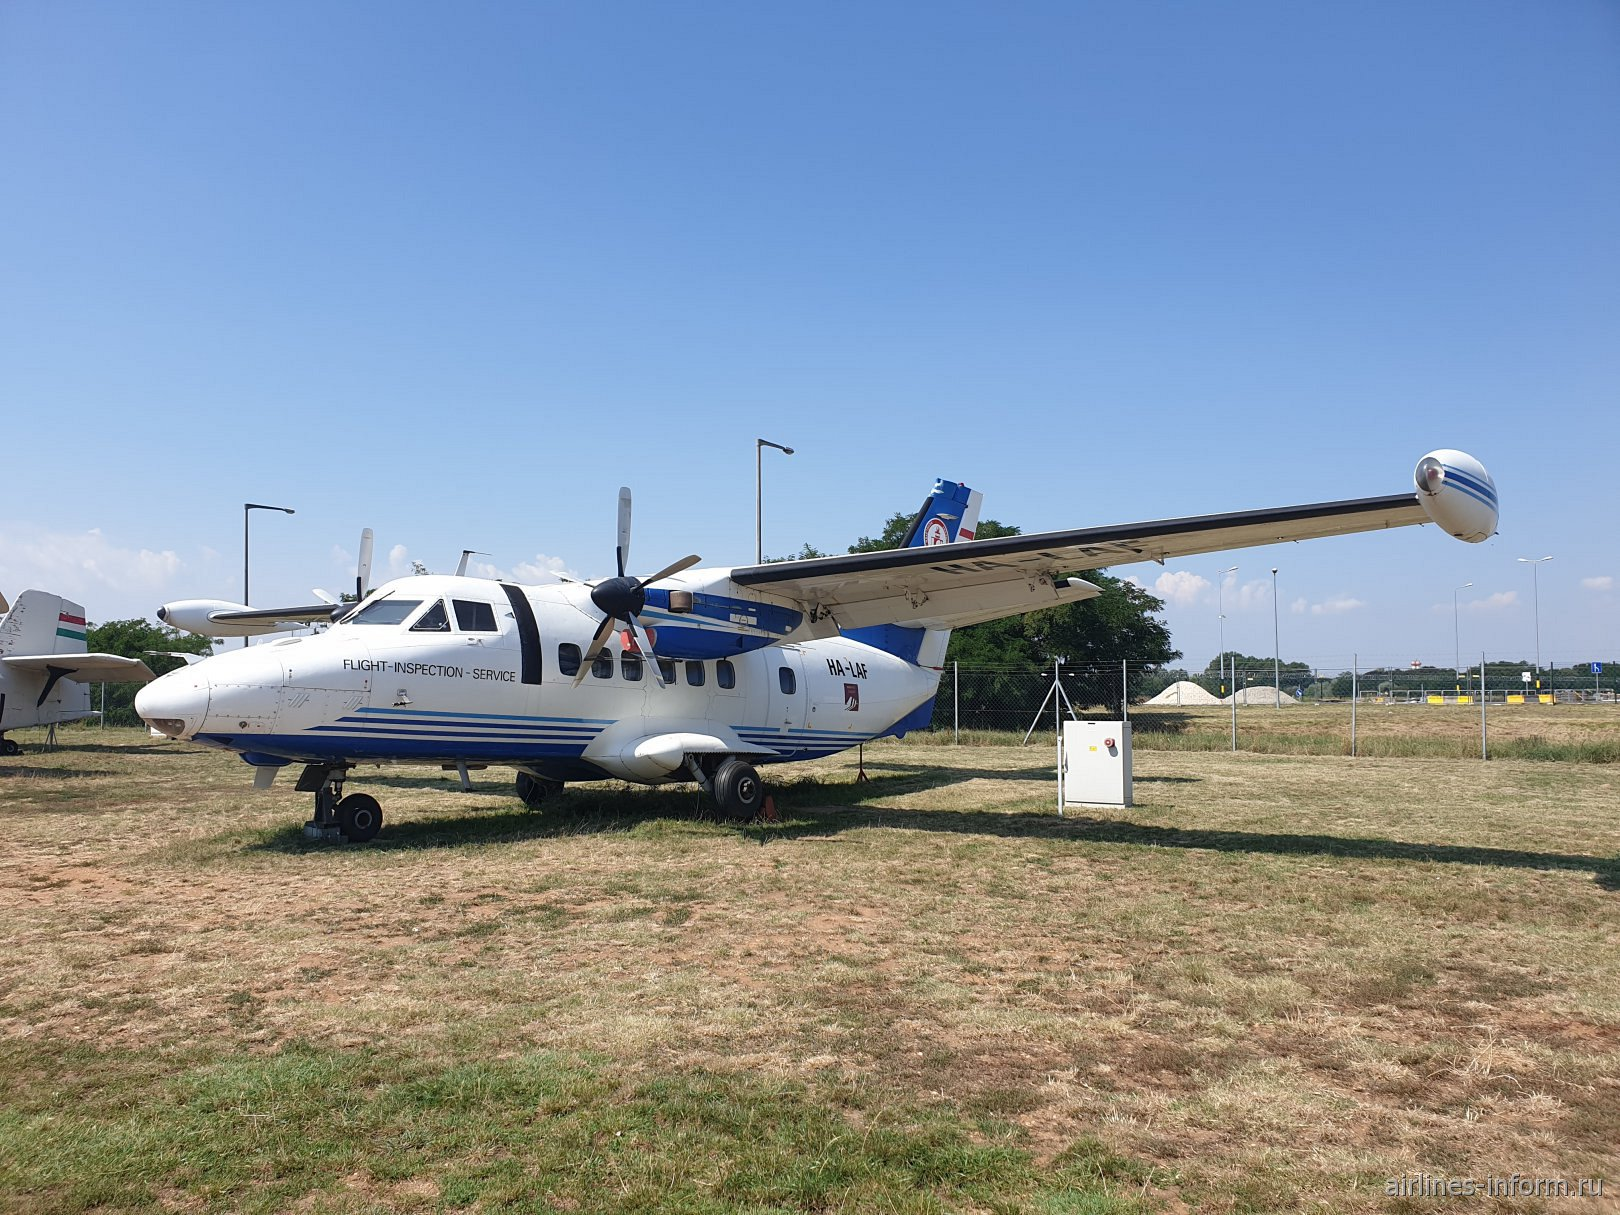 Самолет Let L-410 HA-LAF в авиационном музее аэропорта Будапешт